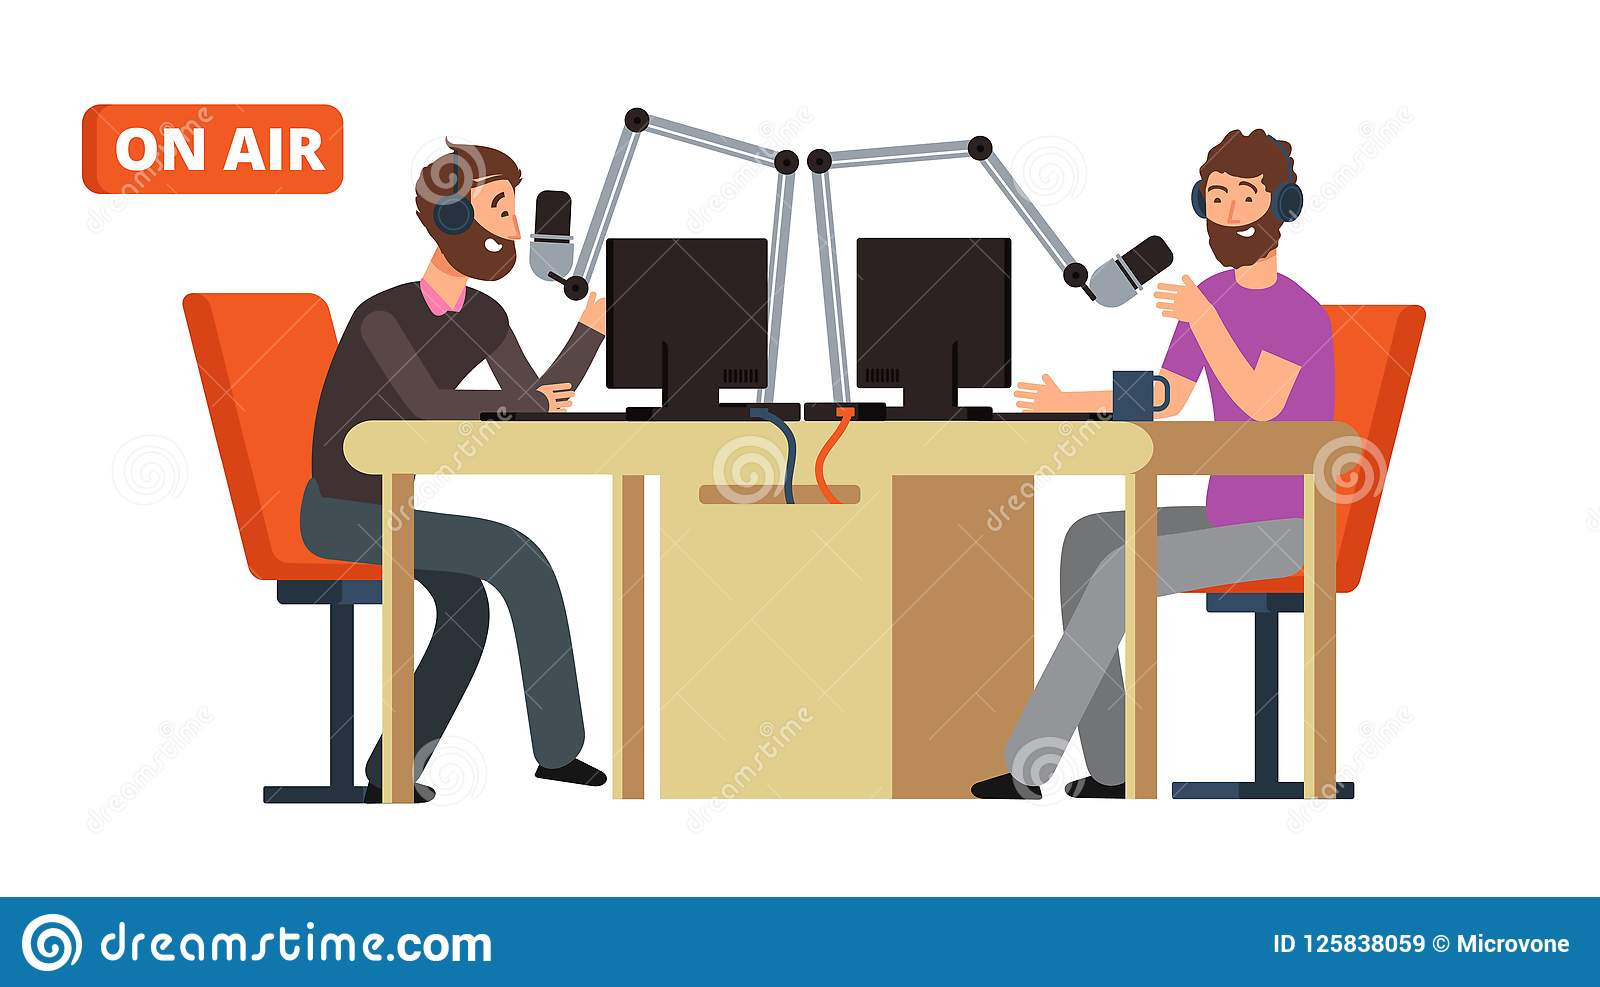 Radio toon Uitzendend radiodj die met microfoons op lucht spreken Binnen archief kunt u dossiers in dergelijke formaten vinden: e